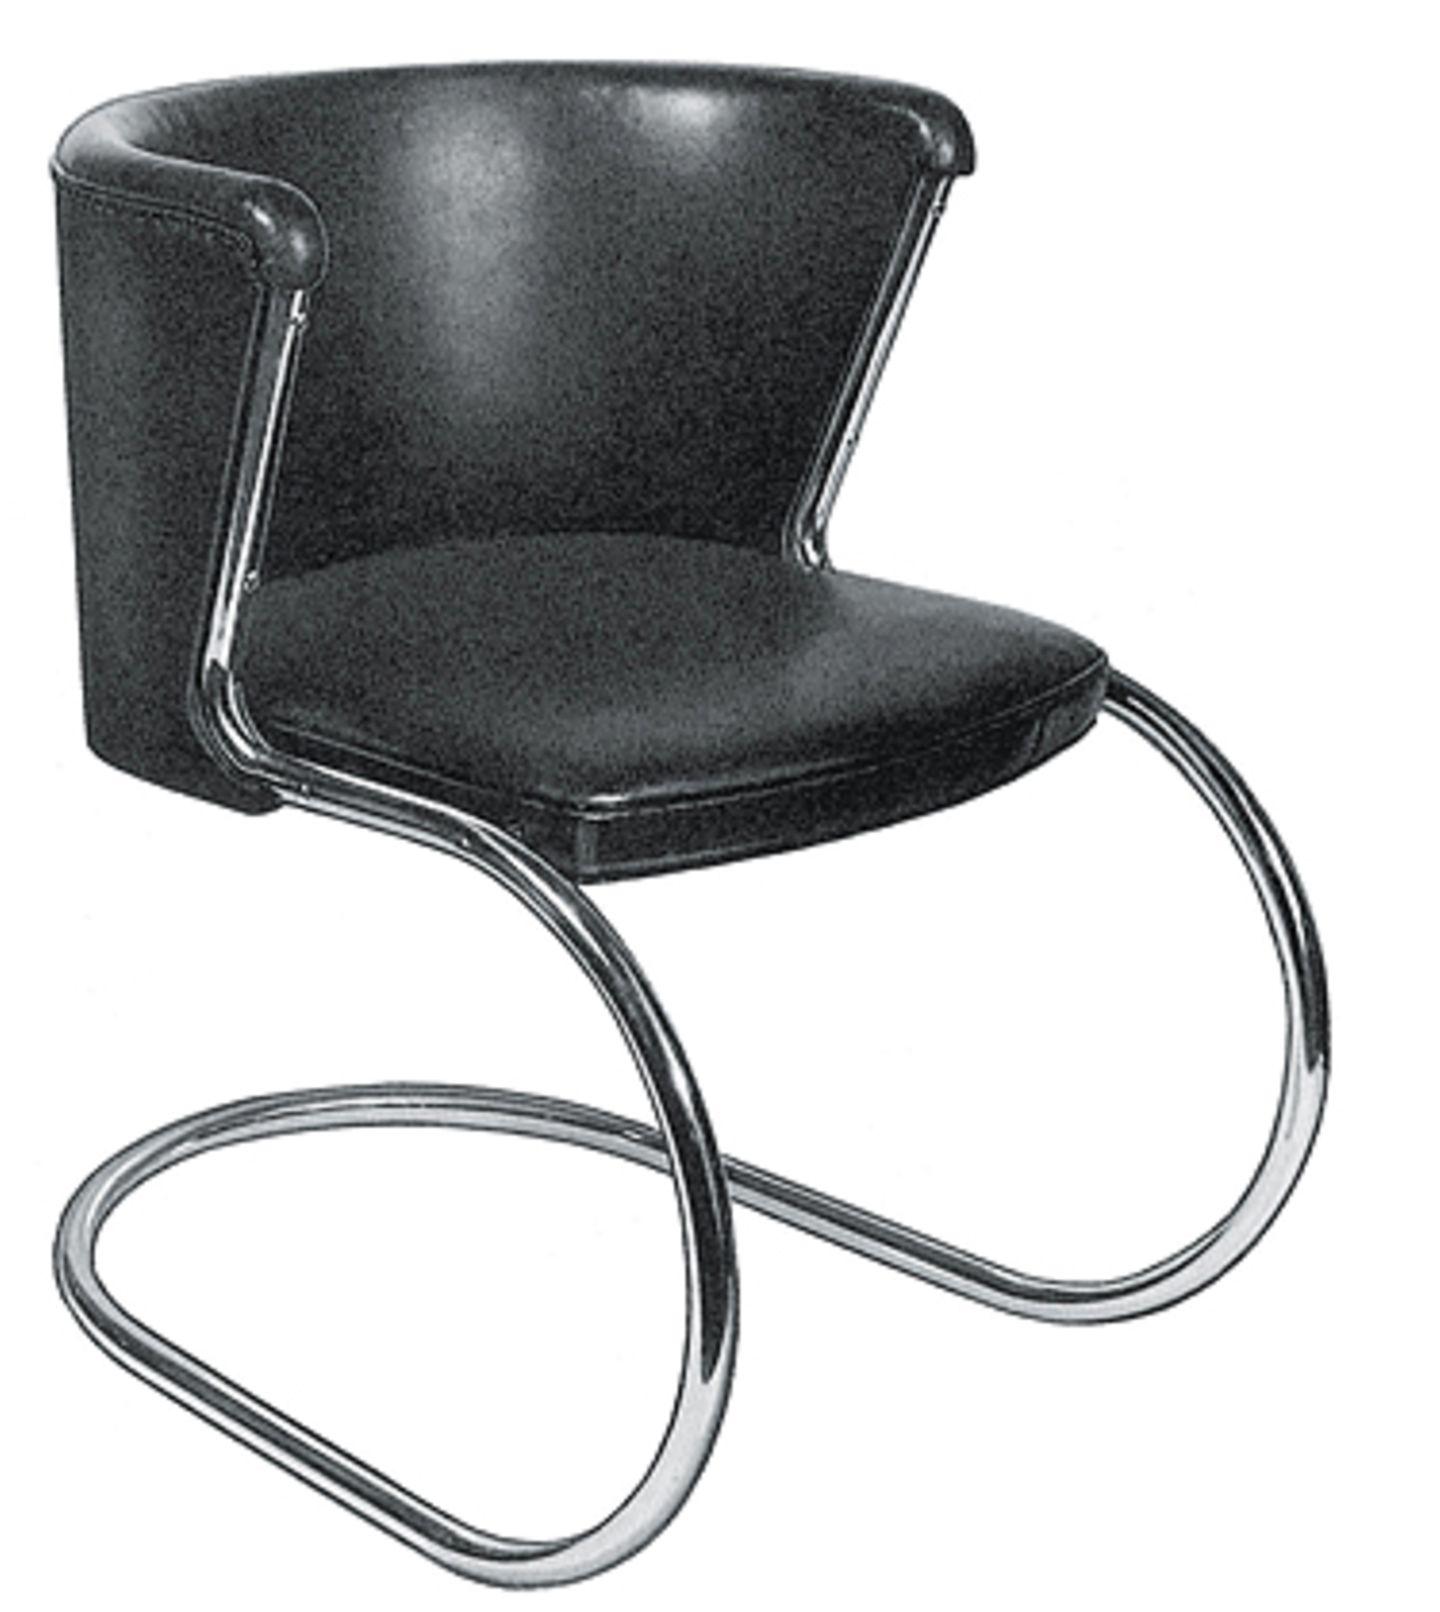 Kleiner Thonet-Sessel, 1933